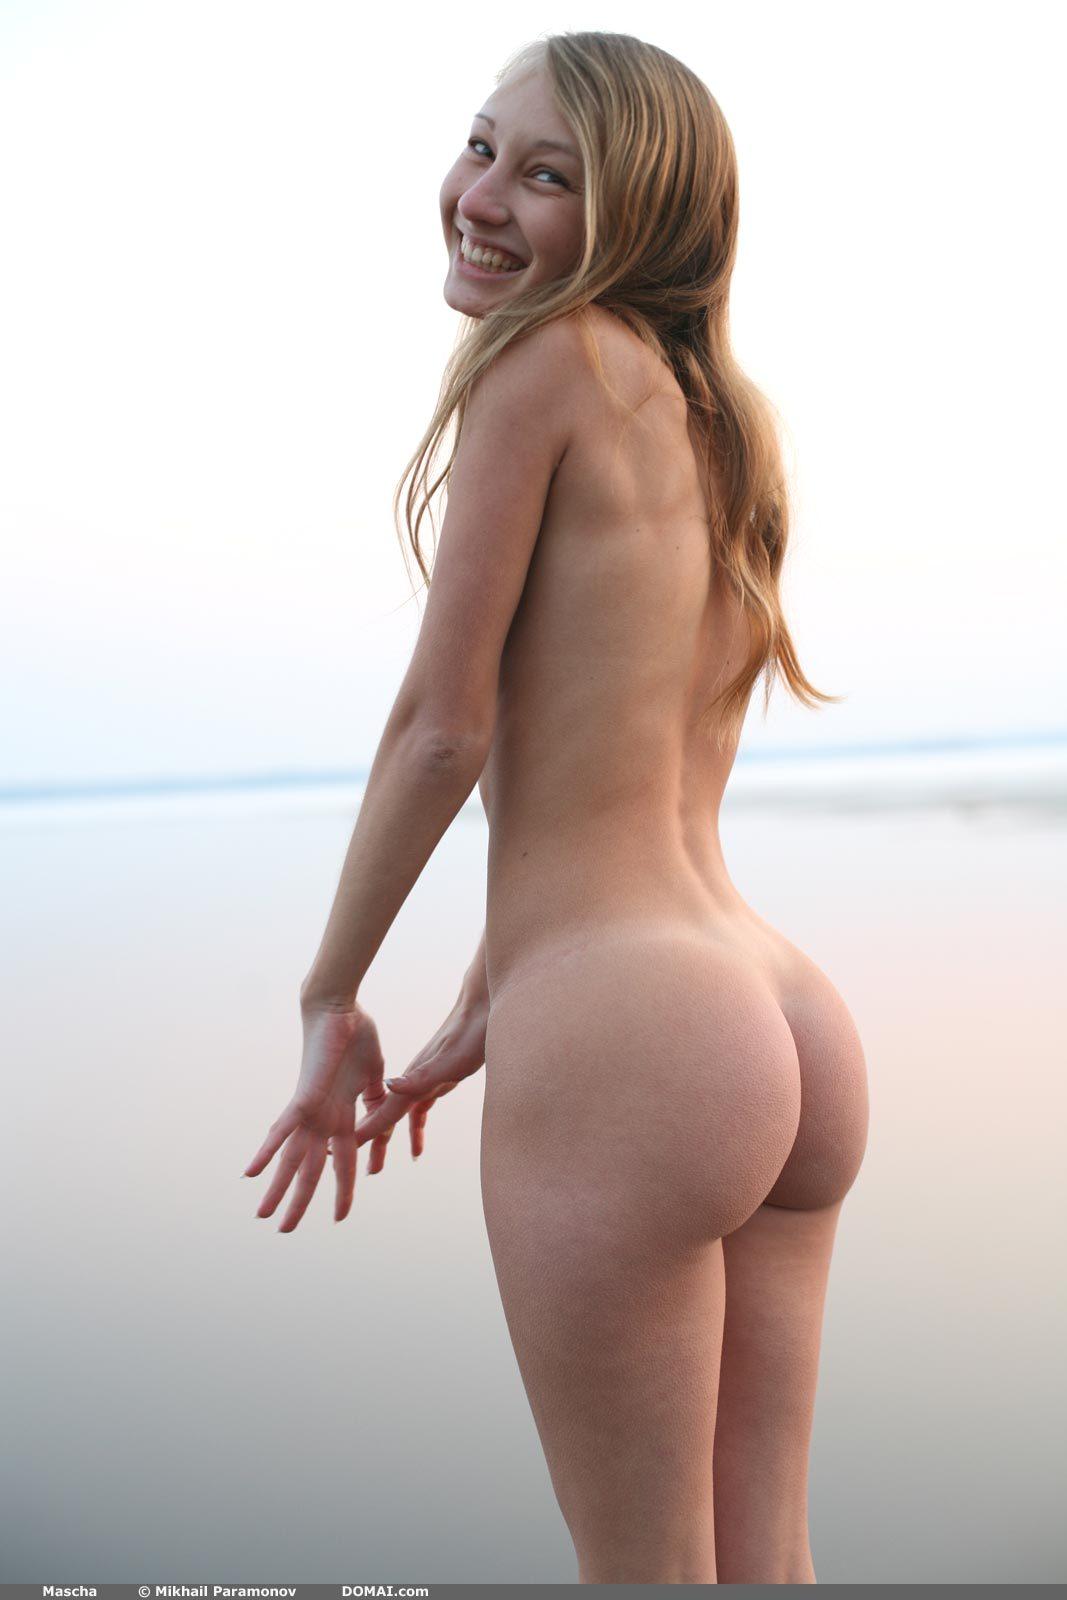 волосяной покров на груди у девушек